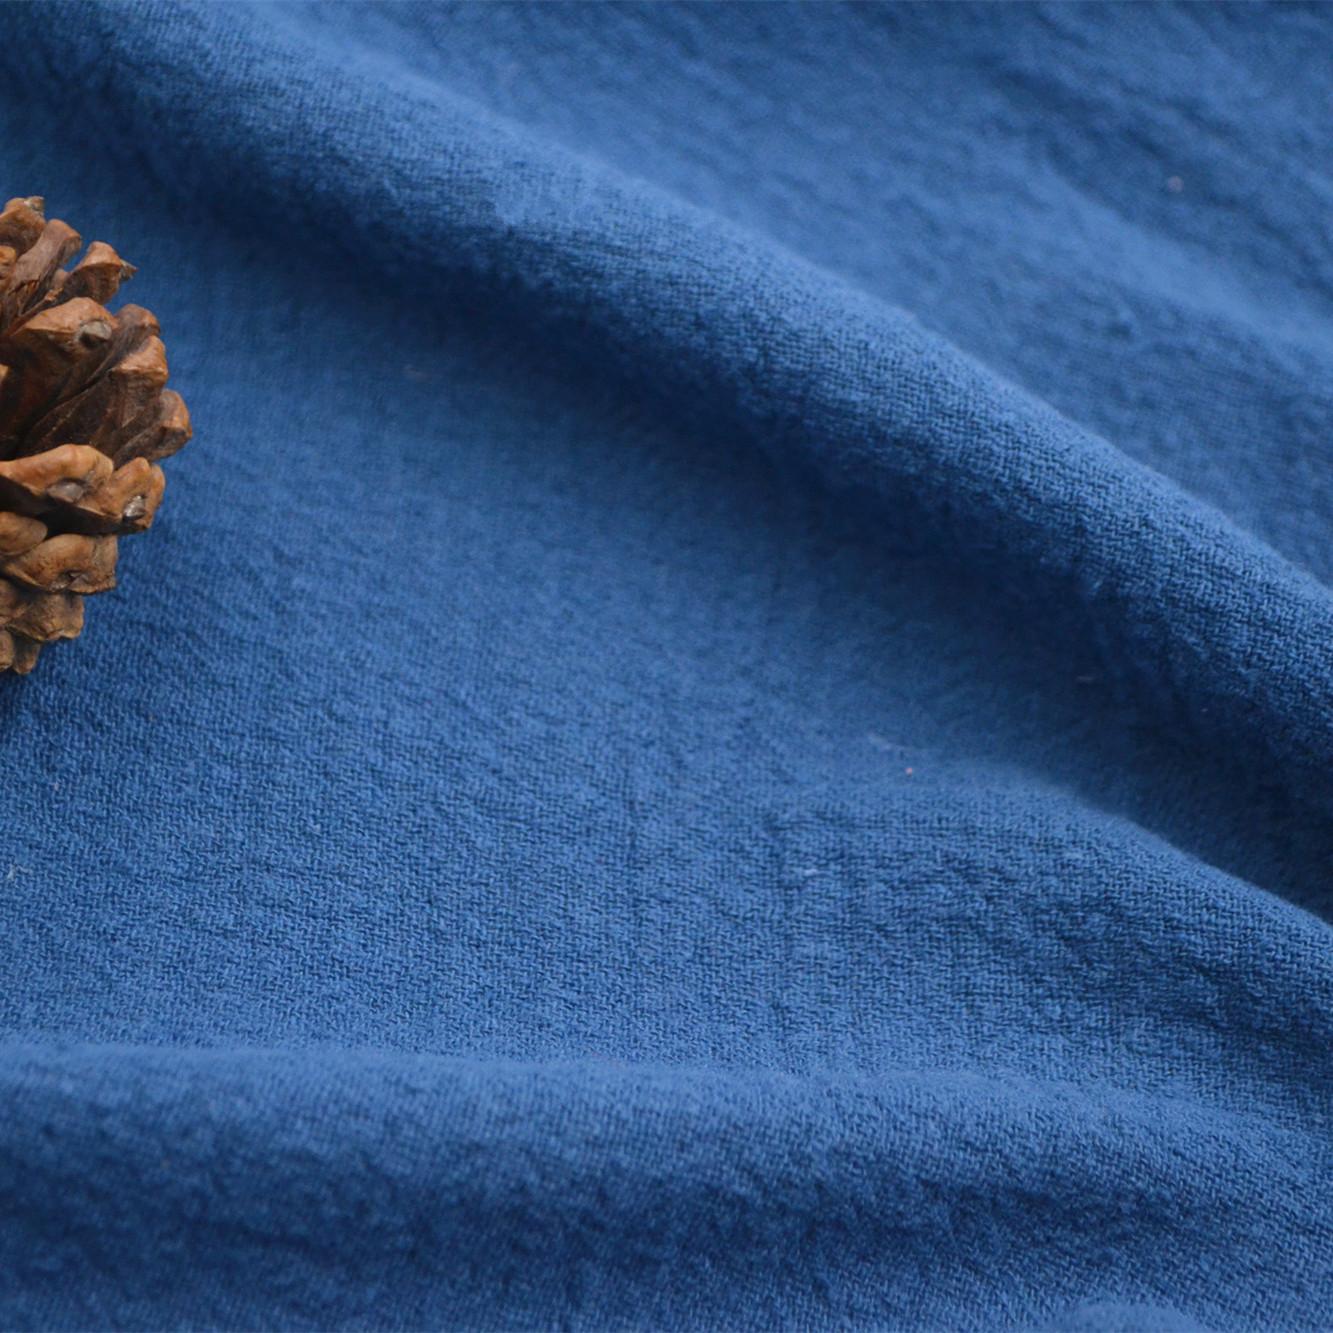 麻布批发亚麻棉面料 染色麻棉洗水皱 绉麻 民族风休闲服装面料布